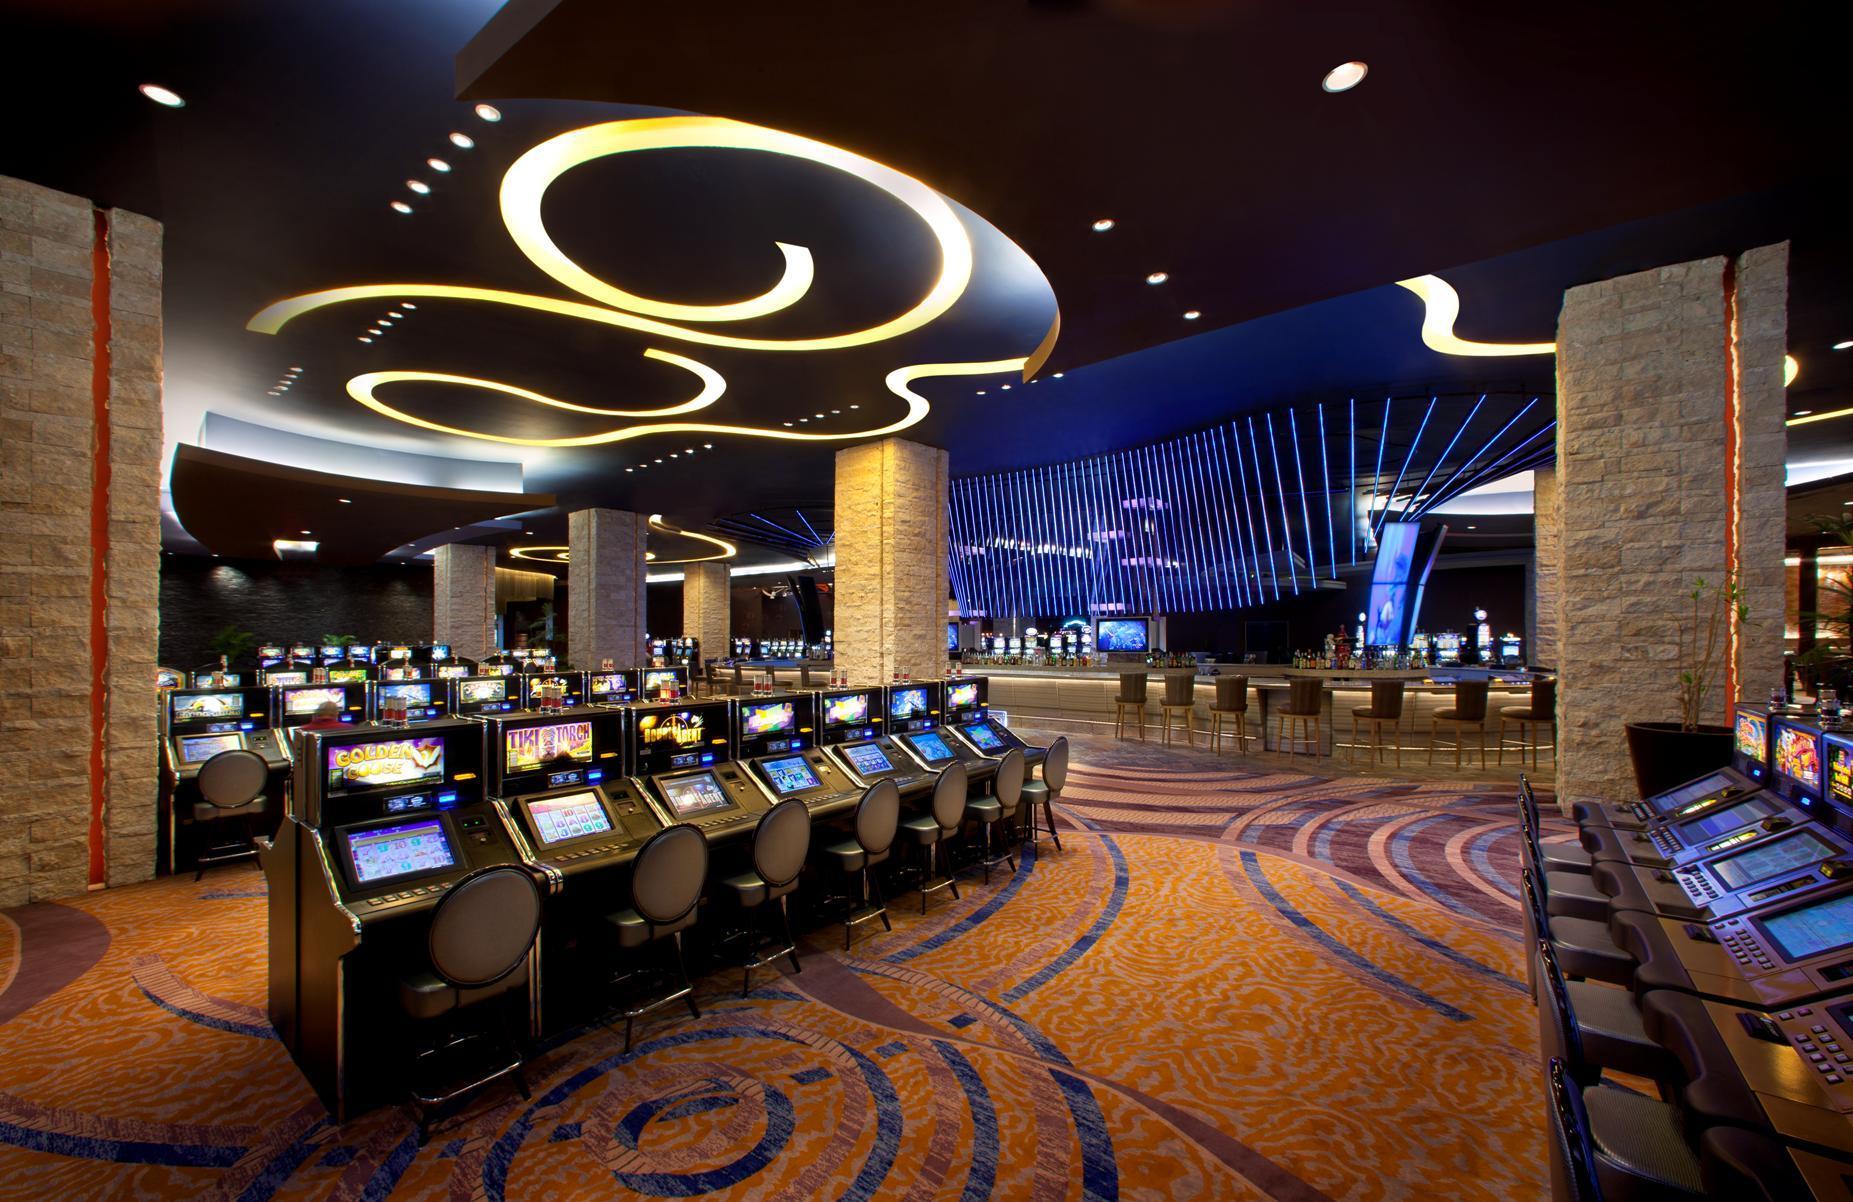 Haiti casino